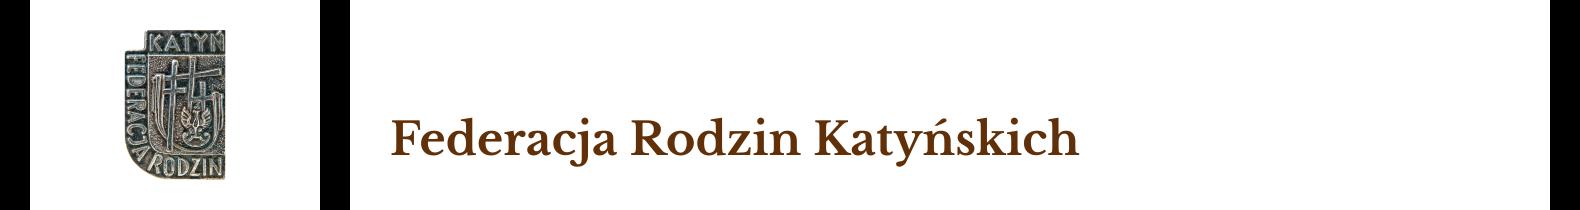 Federacja Rodzin Katyńskich